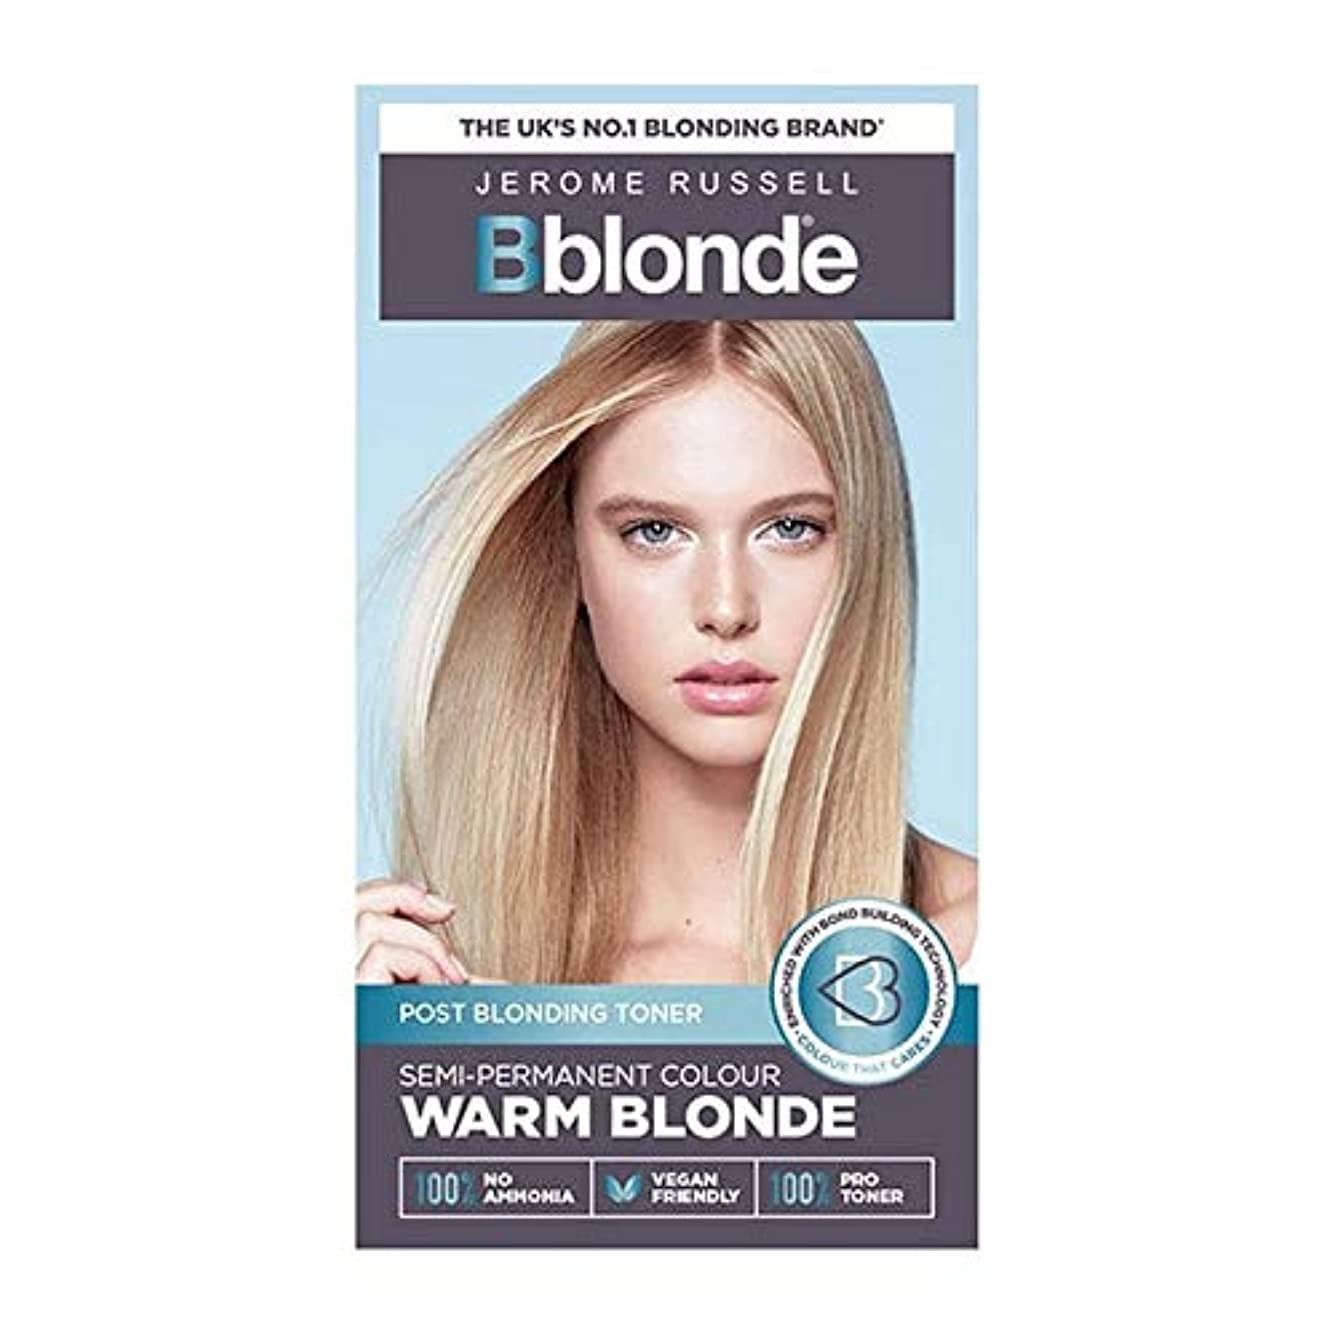 封筒血安全な[Jerome Russell ] ジェロームラッセルBblonde半恒久的なトナー暖かいブロンド - Jerome Russell Bblonde Semi Permanent Toner Warm Blonde [並行輸入品]